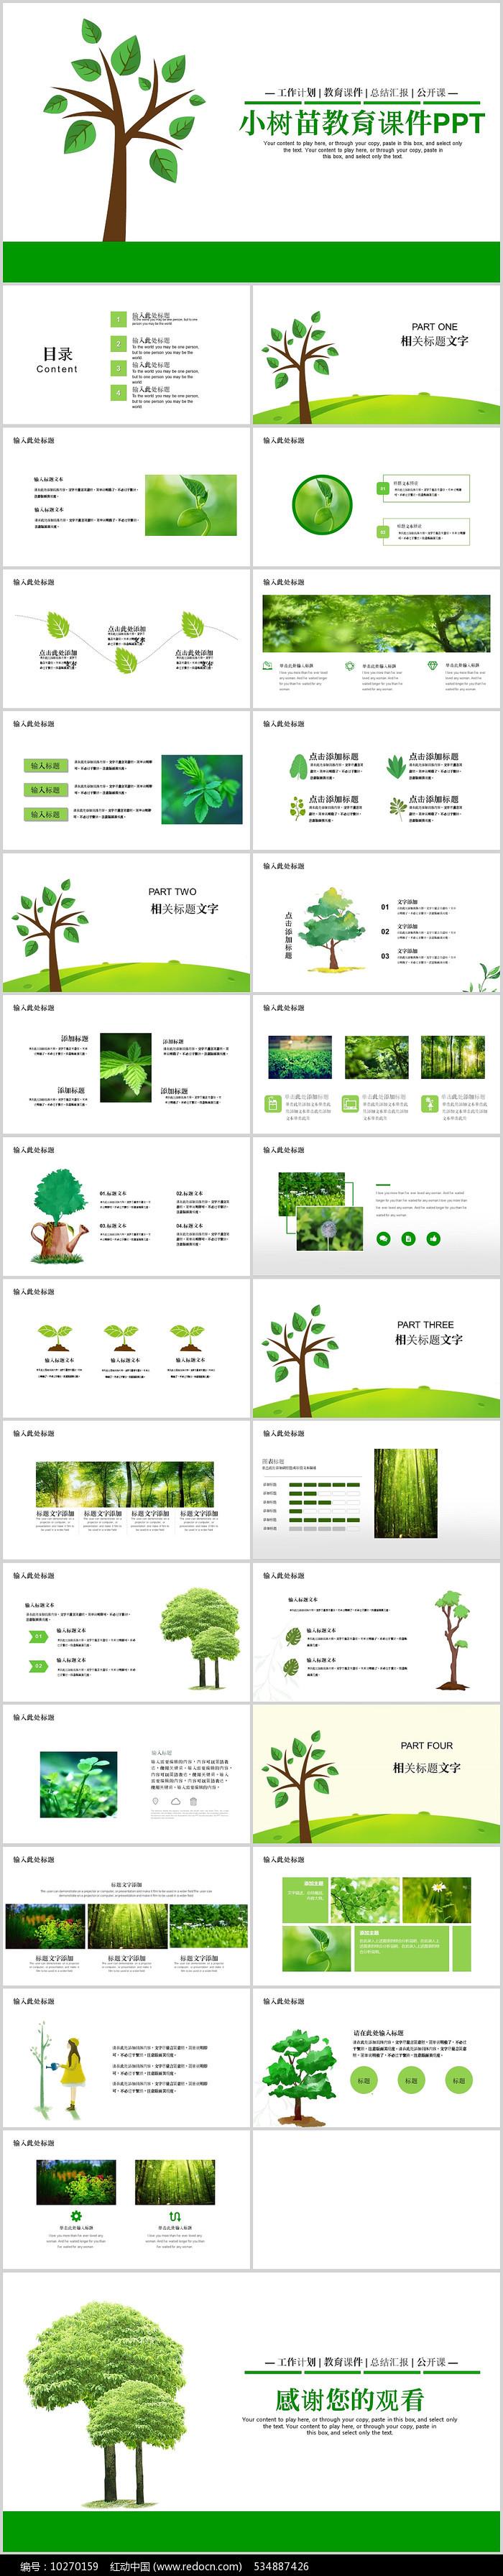 小树苗发芽生长绿色课件PPT图片